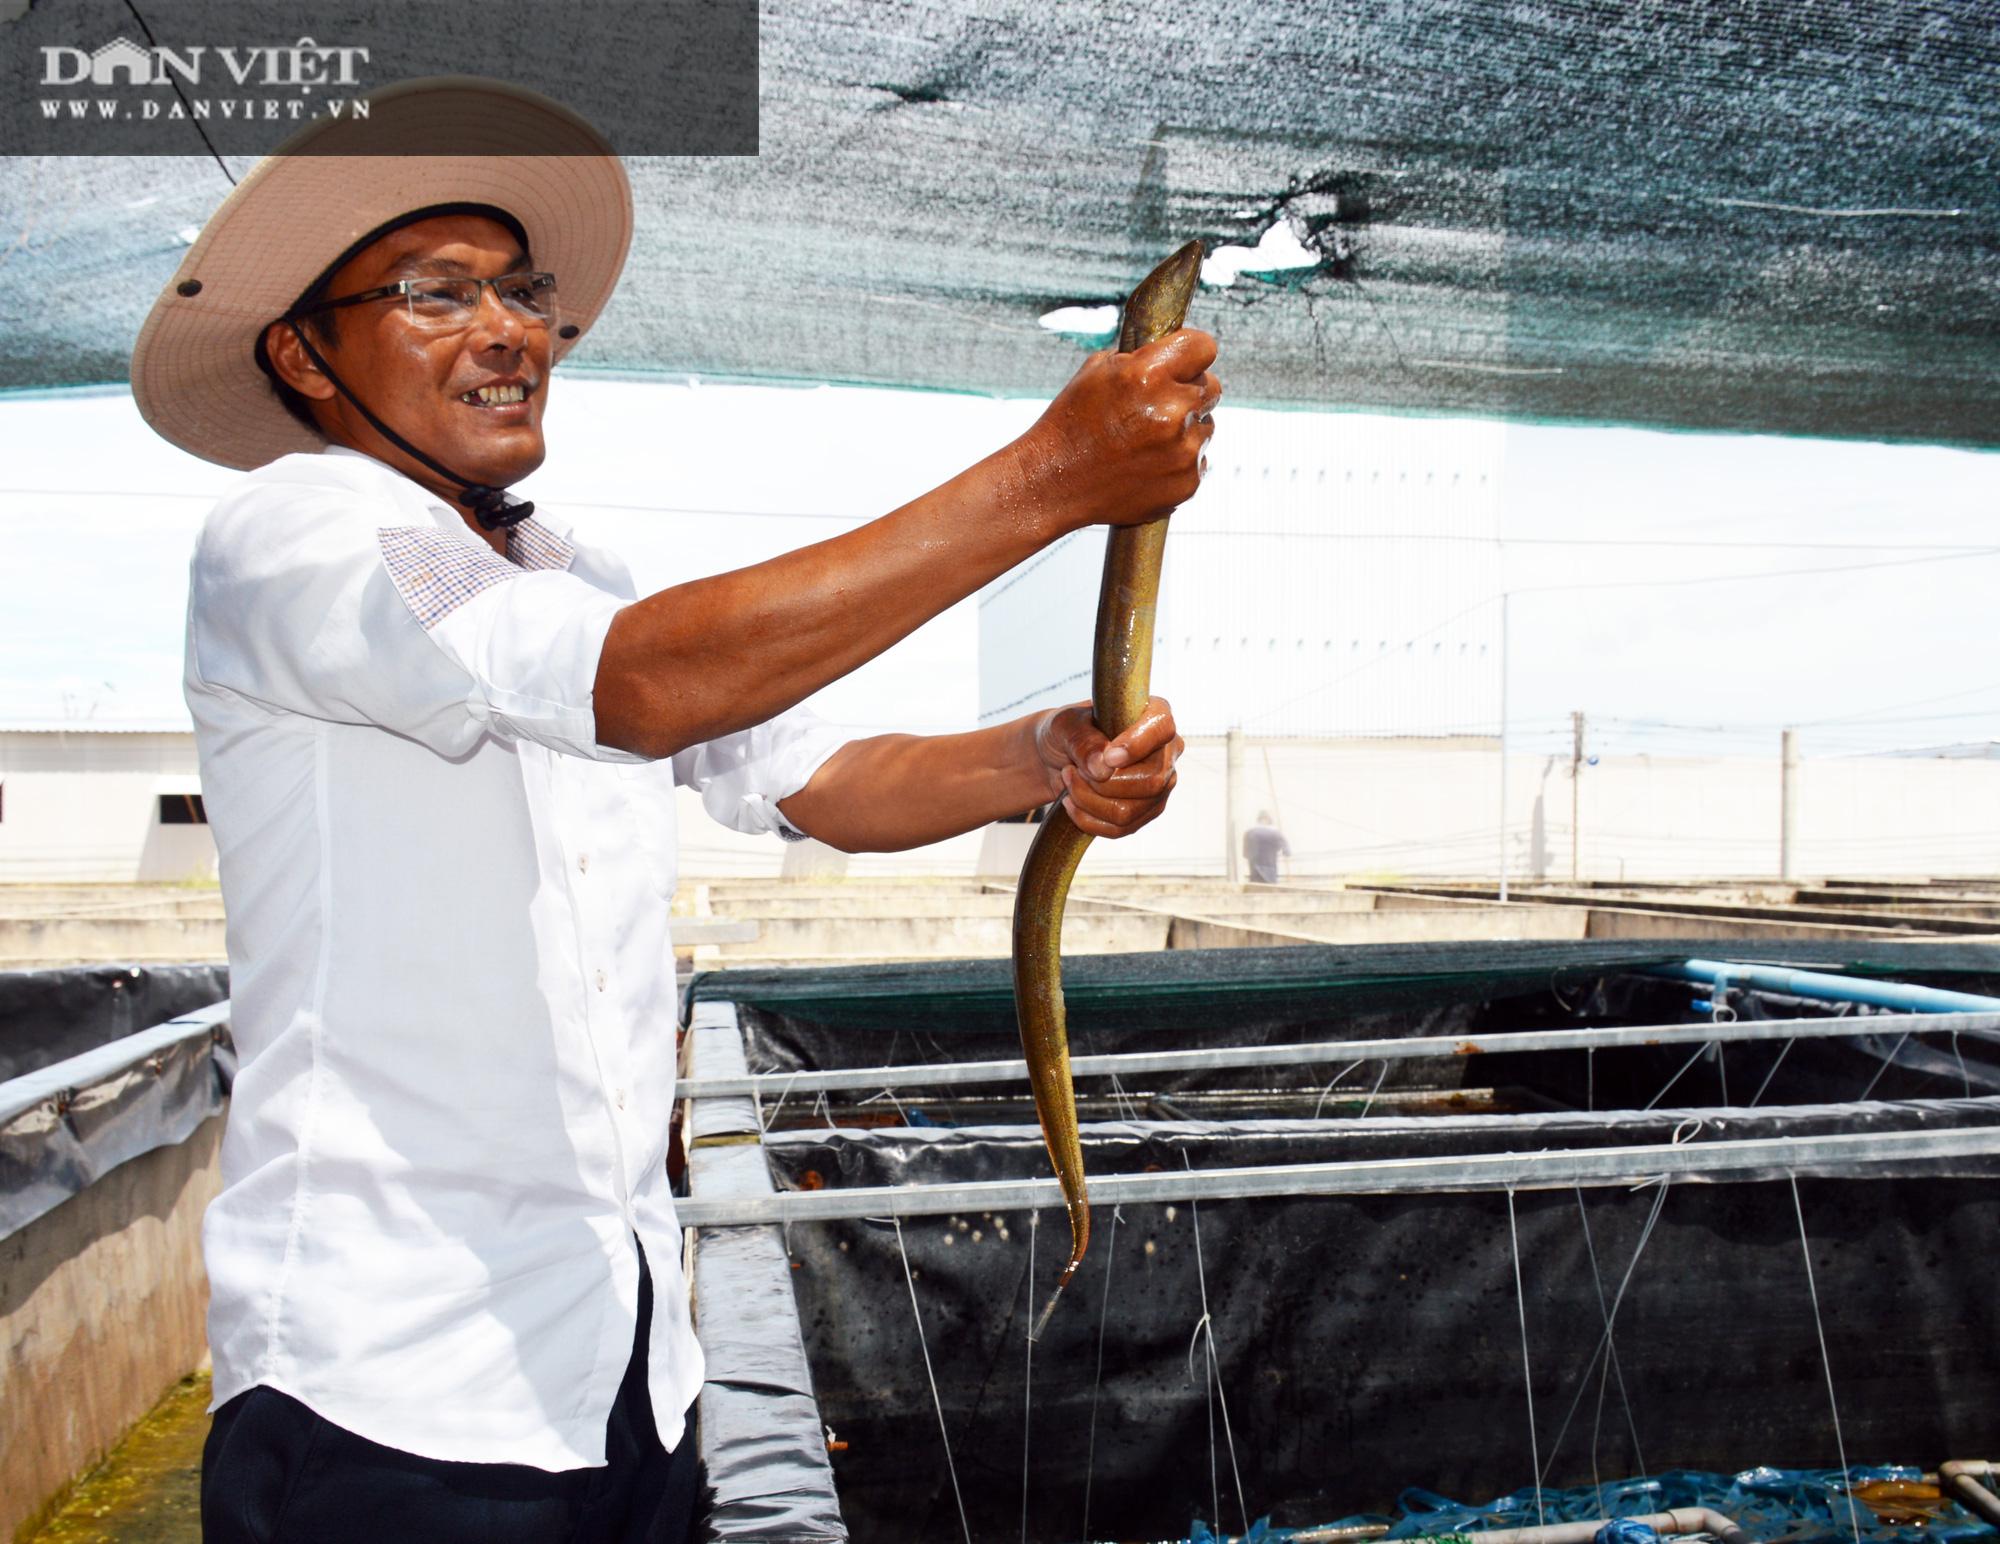 Chàng tỷ phú nông dân nuôi lươn không bùn công nghệ cao, thu lãi 40-50%/vụ - Ảnh 6.